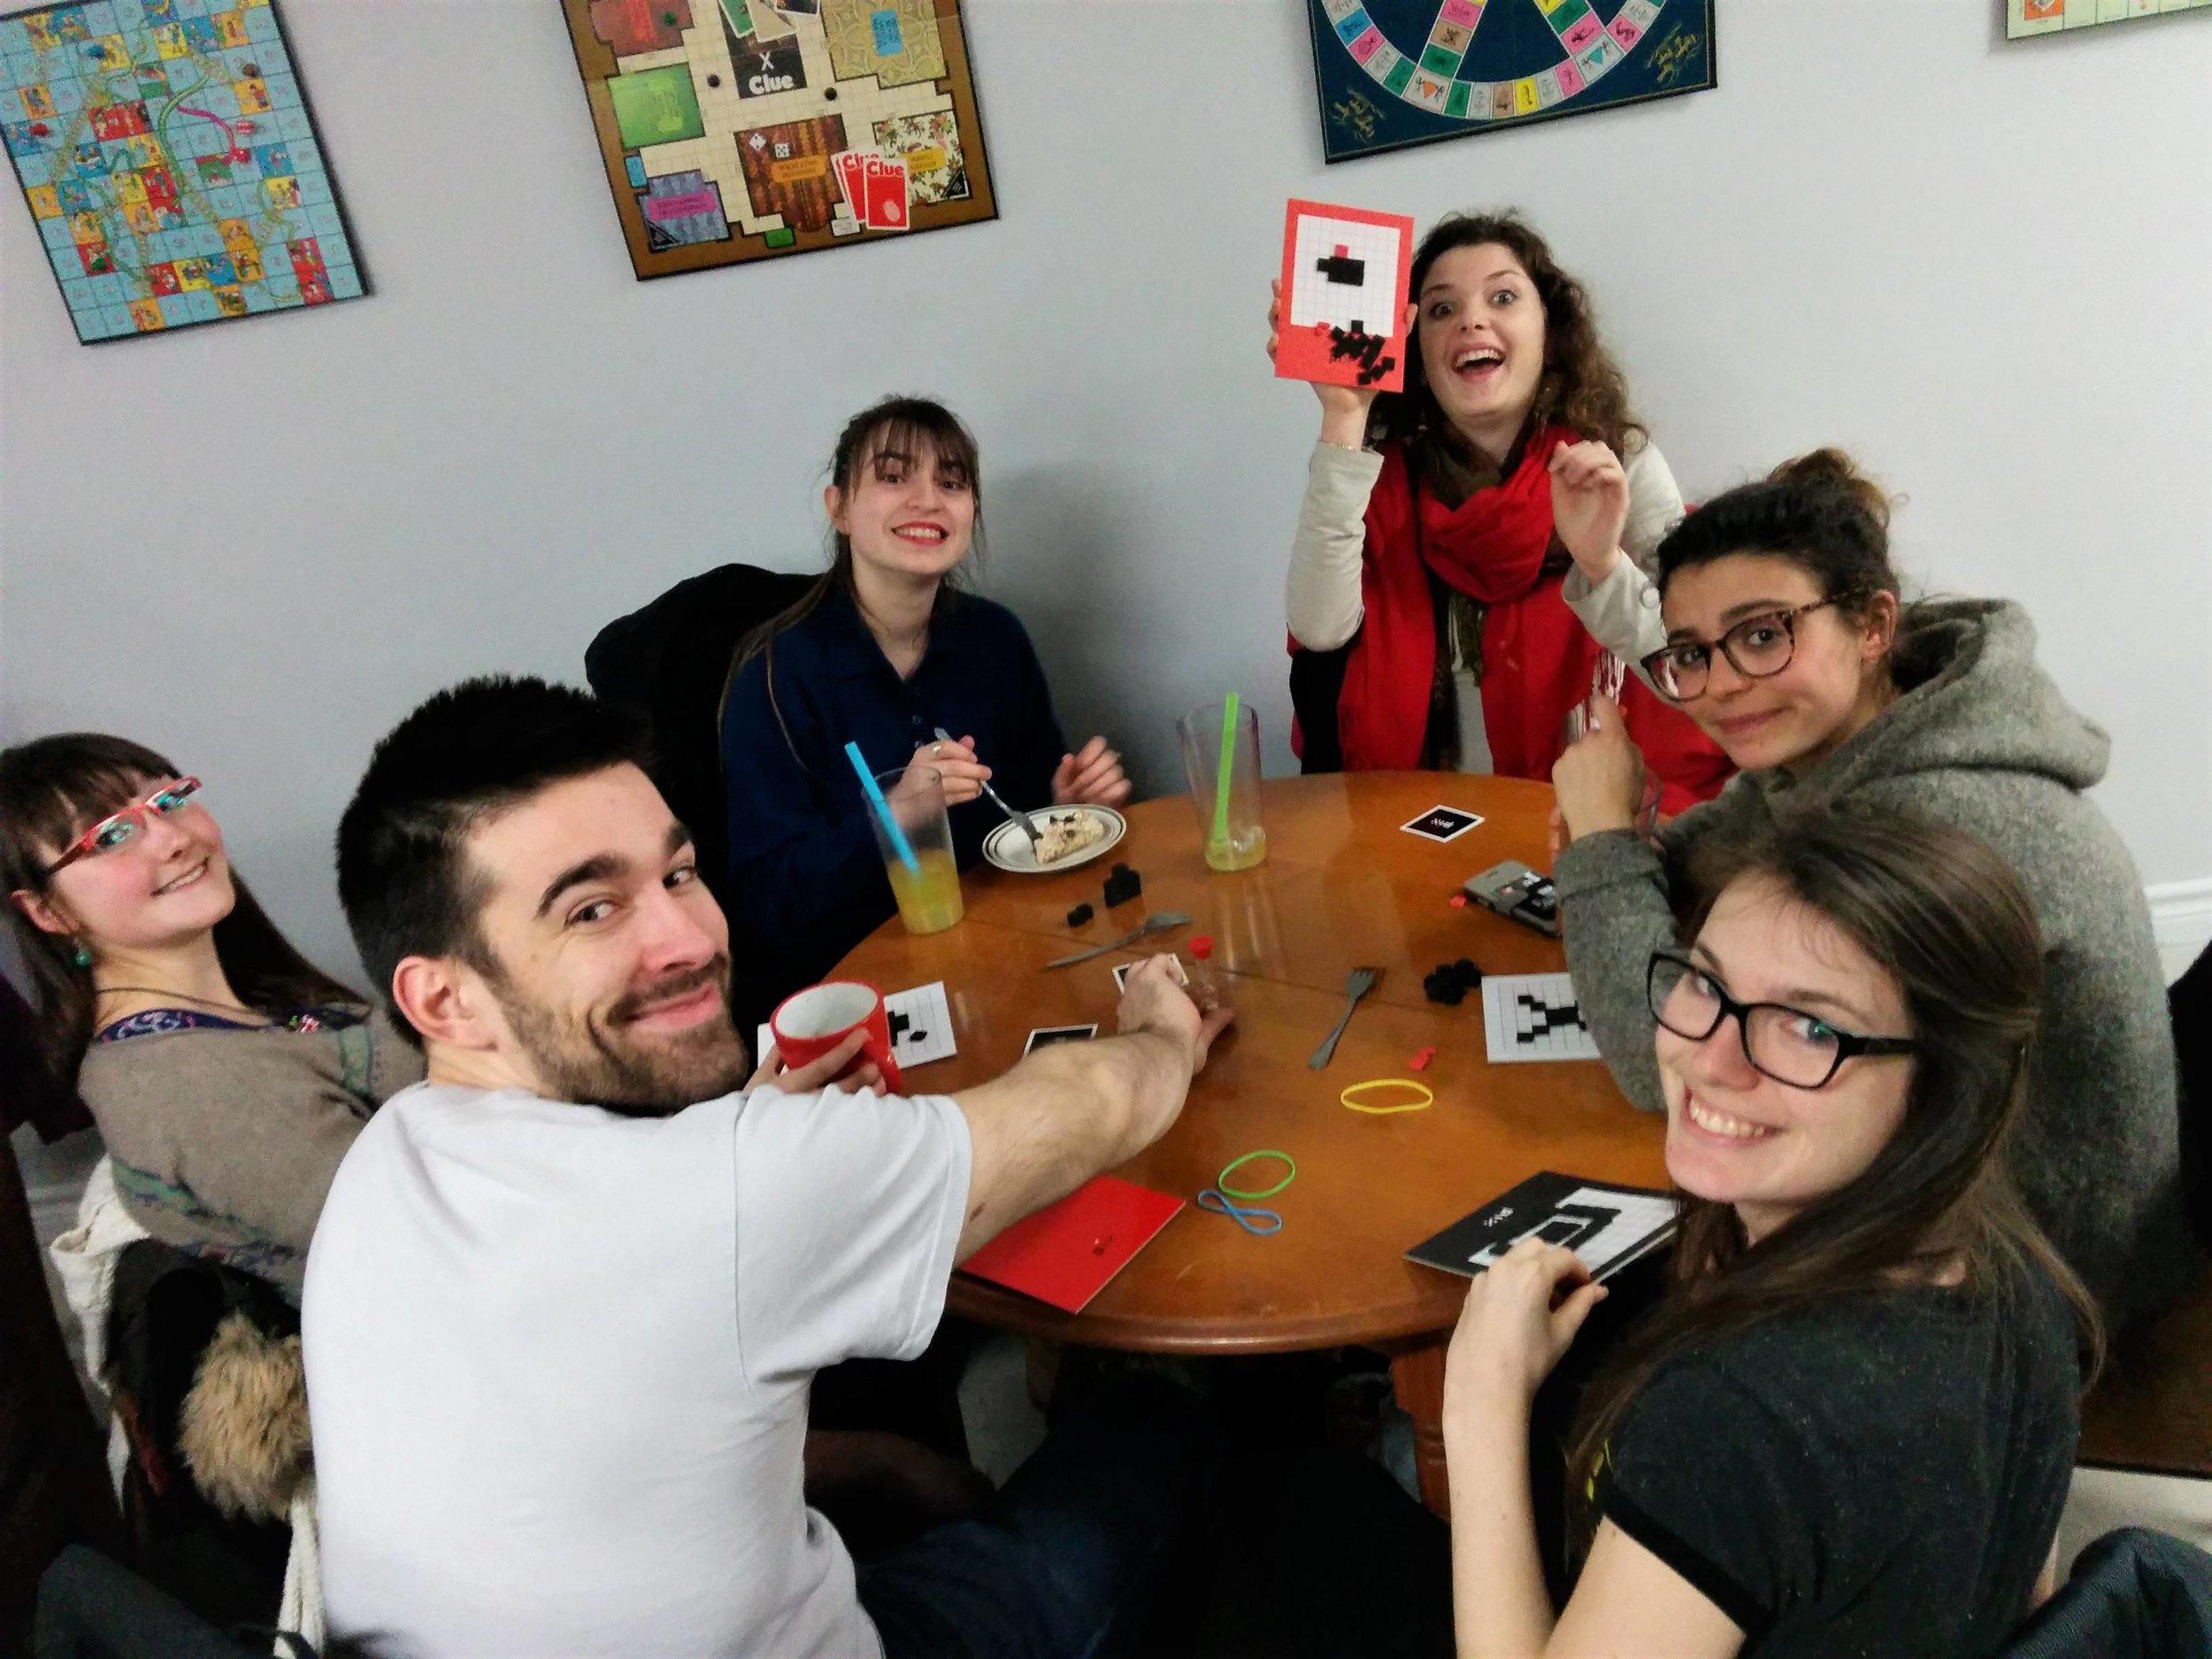 SOIRÉE DE FINANCEMENT - Votre association étudiante ou votre organisme communautaire souhaite amasser des fonds pour financer ses activités?Organisez une soirée de jeux de société au café et devenez animateur d'un soir!